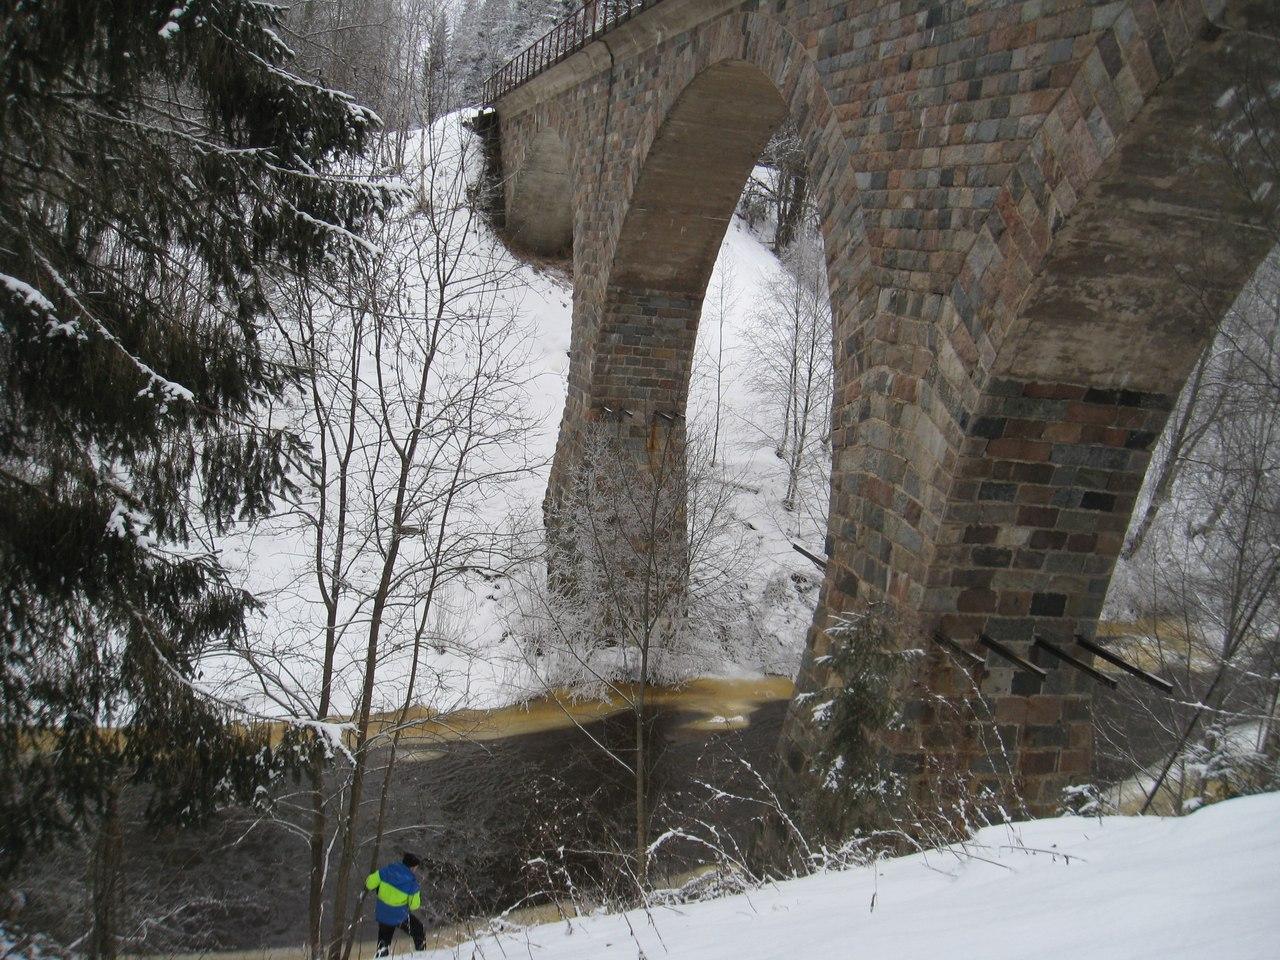 НЕИЗВЕСТНЫЕ КРАСОТЫ РОССИИ.Старинный арочный мост через реку Ярынью. Новгородская область